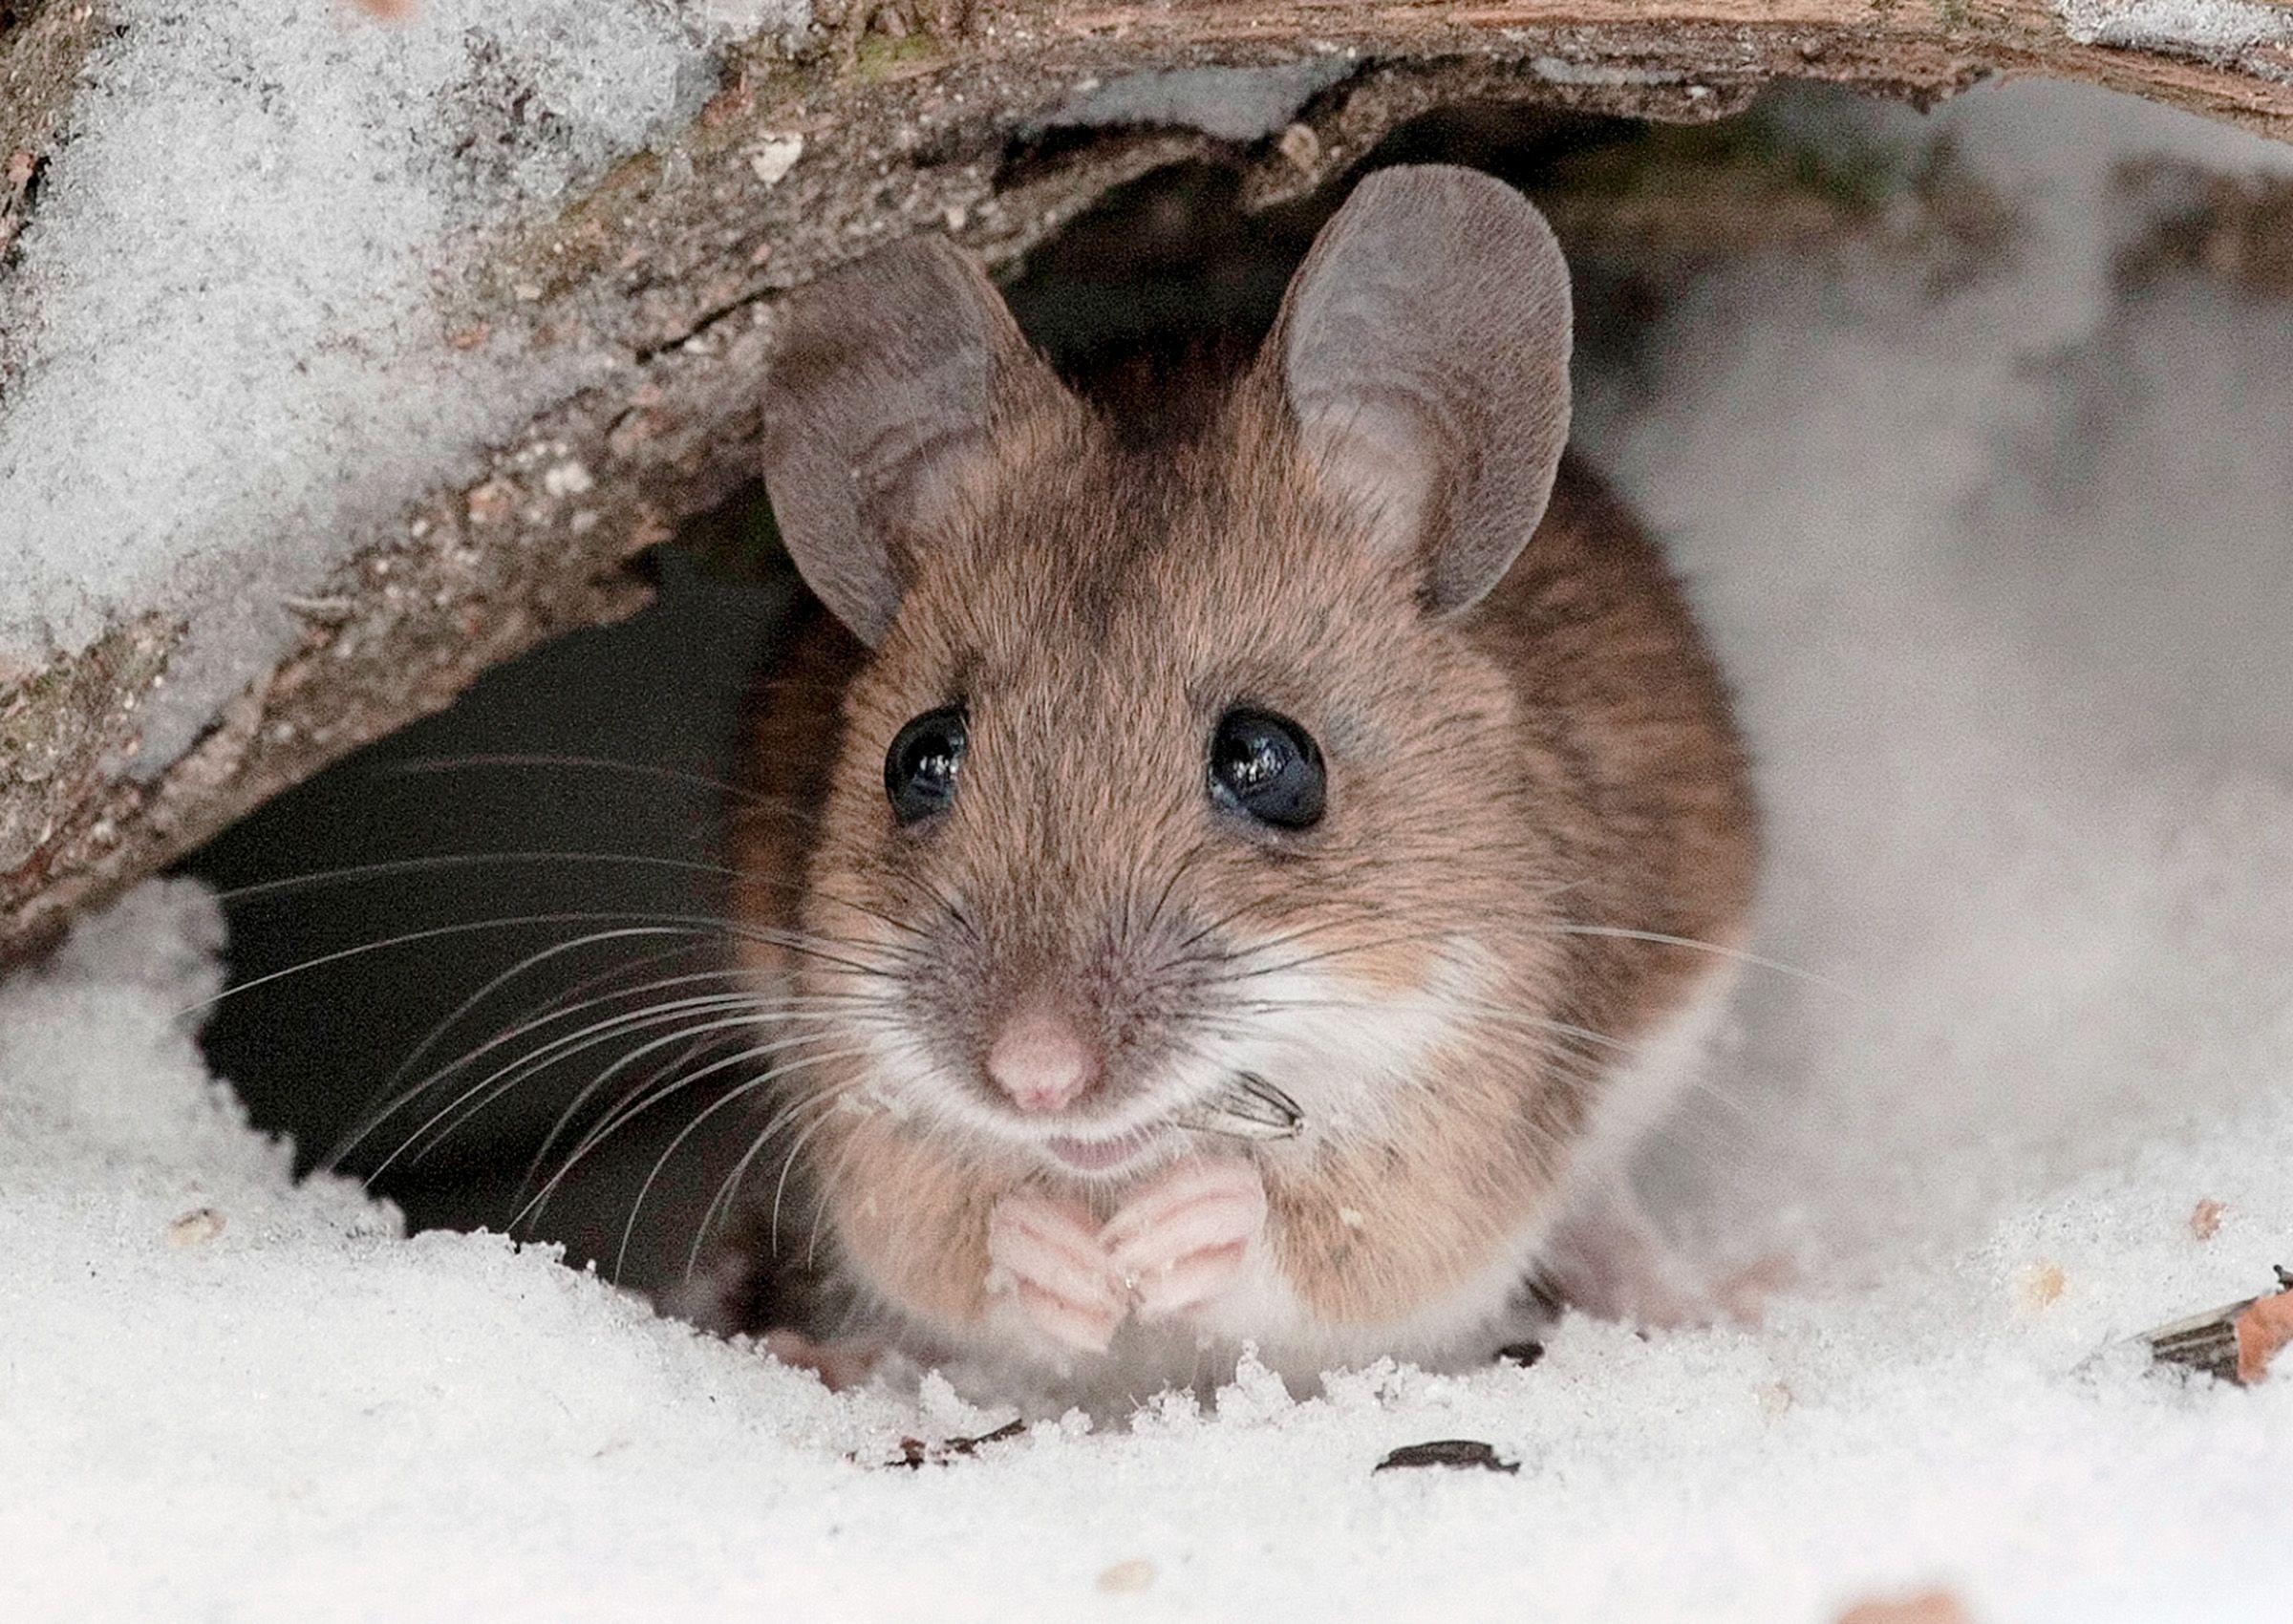 Myyrät, hiiret ja jyrsijät aiheuttavat vaurioita pihalla. Osa on harmittomia hyönteissyöjiä, osa tuhoaa puun kuoren tehokkaasti. Tutustu pihan jyrsijöihin.